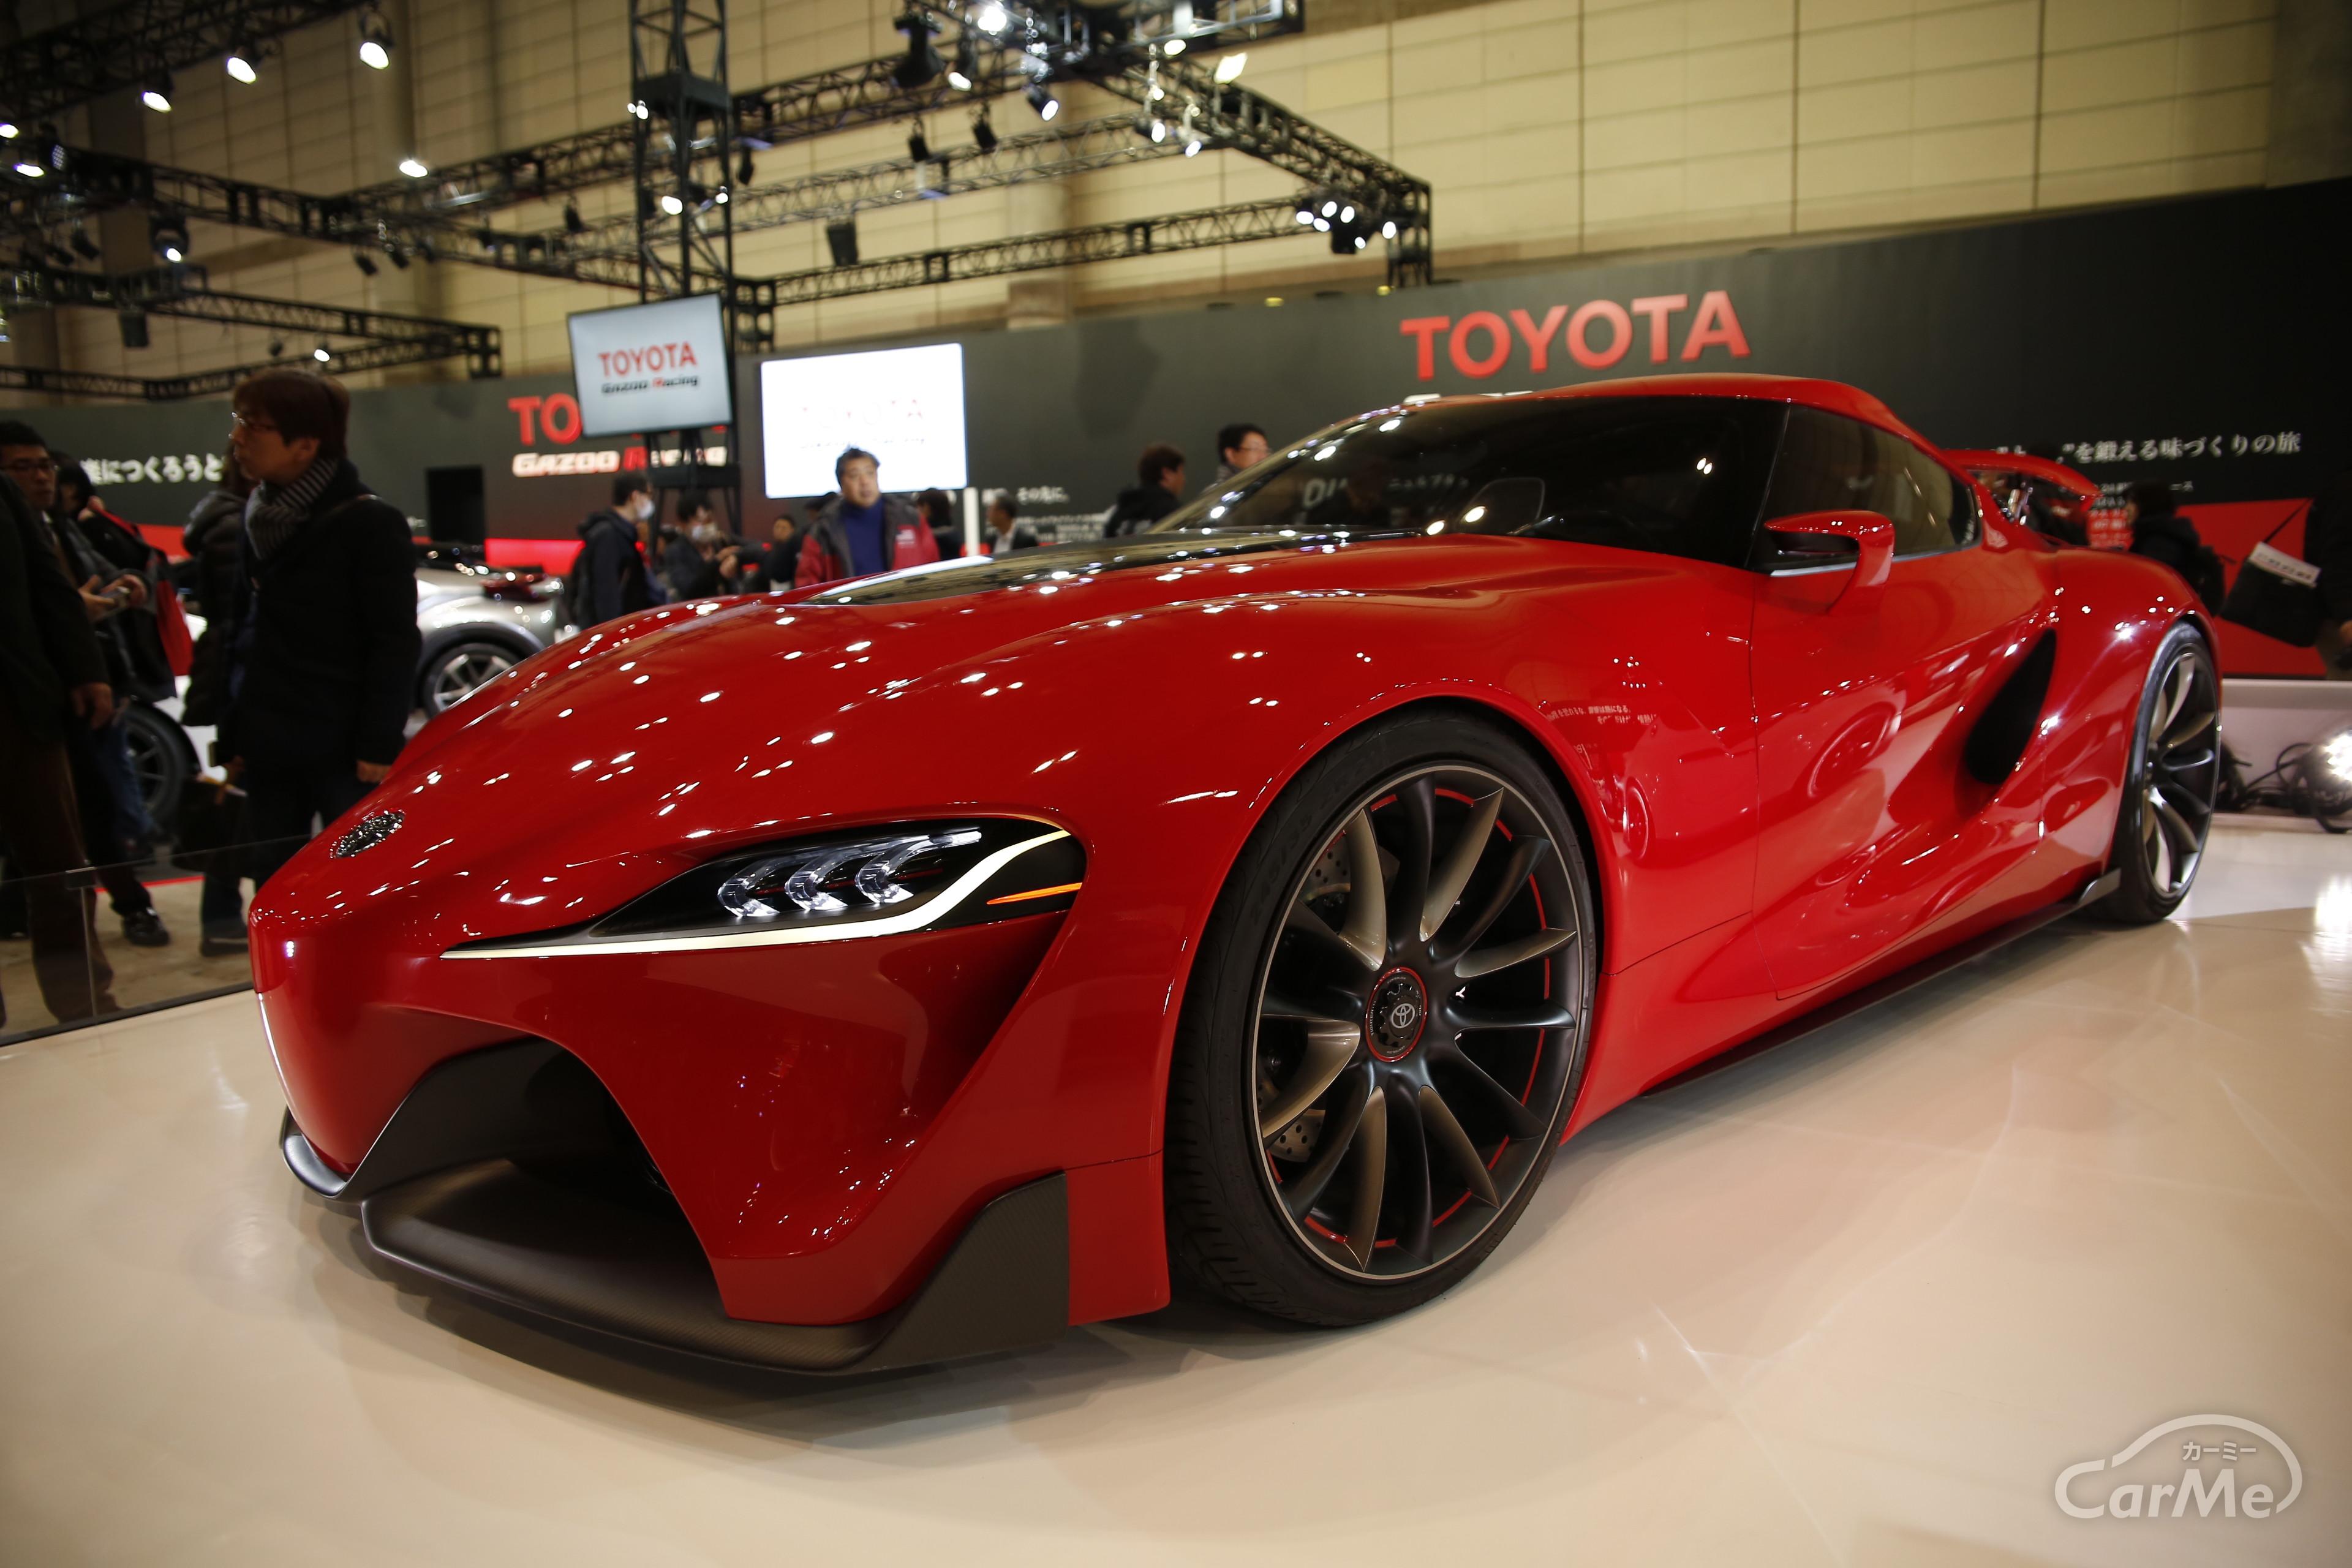 【東京オートサロン速報】スープラ後継のトヨタFT-1が国内初披露!過去に出展されたスープラもご紹介!